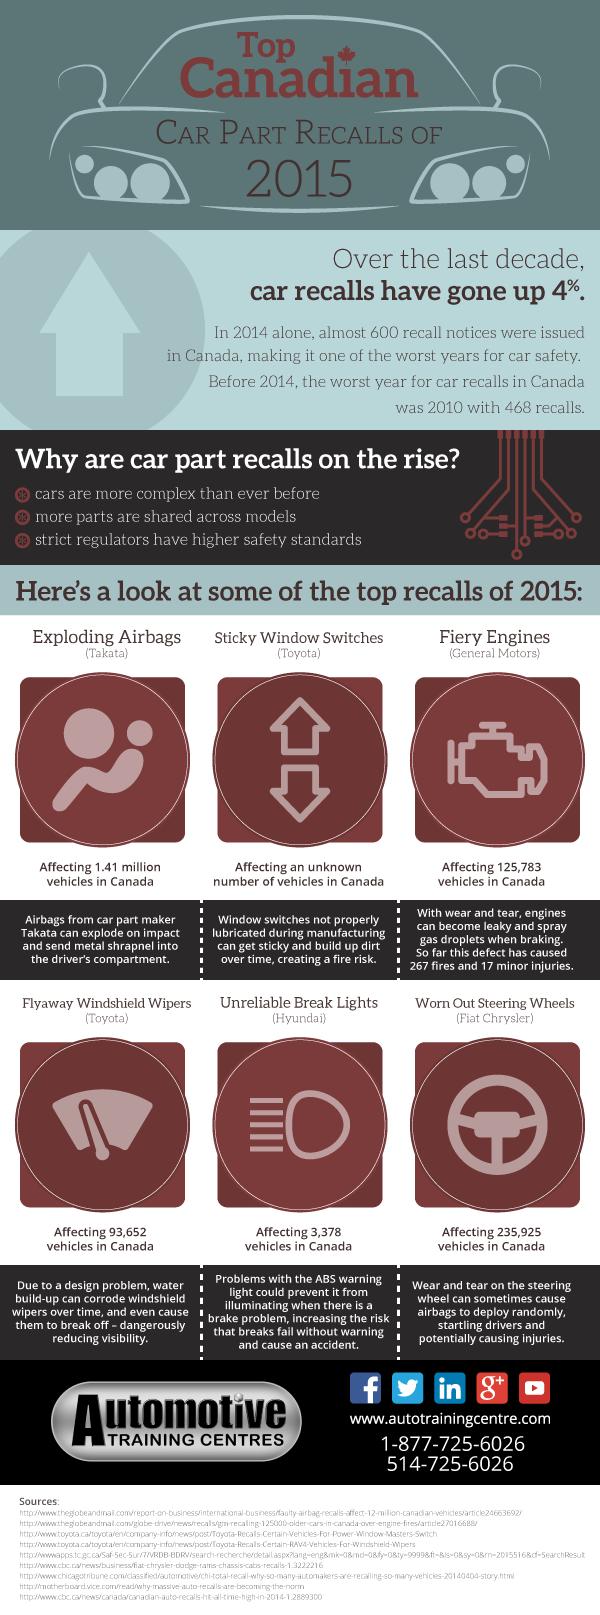 ATC Montreal_car_parts_recall_infographic